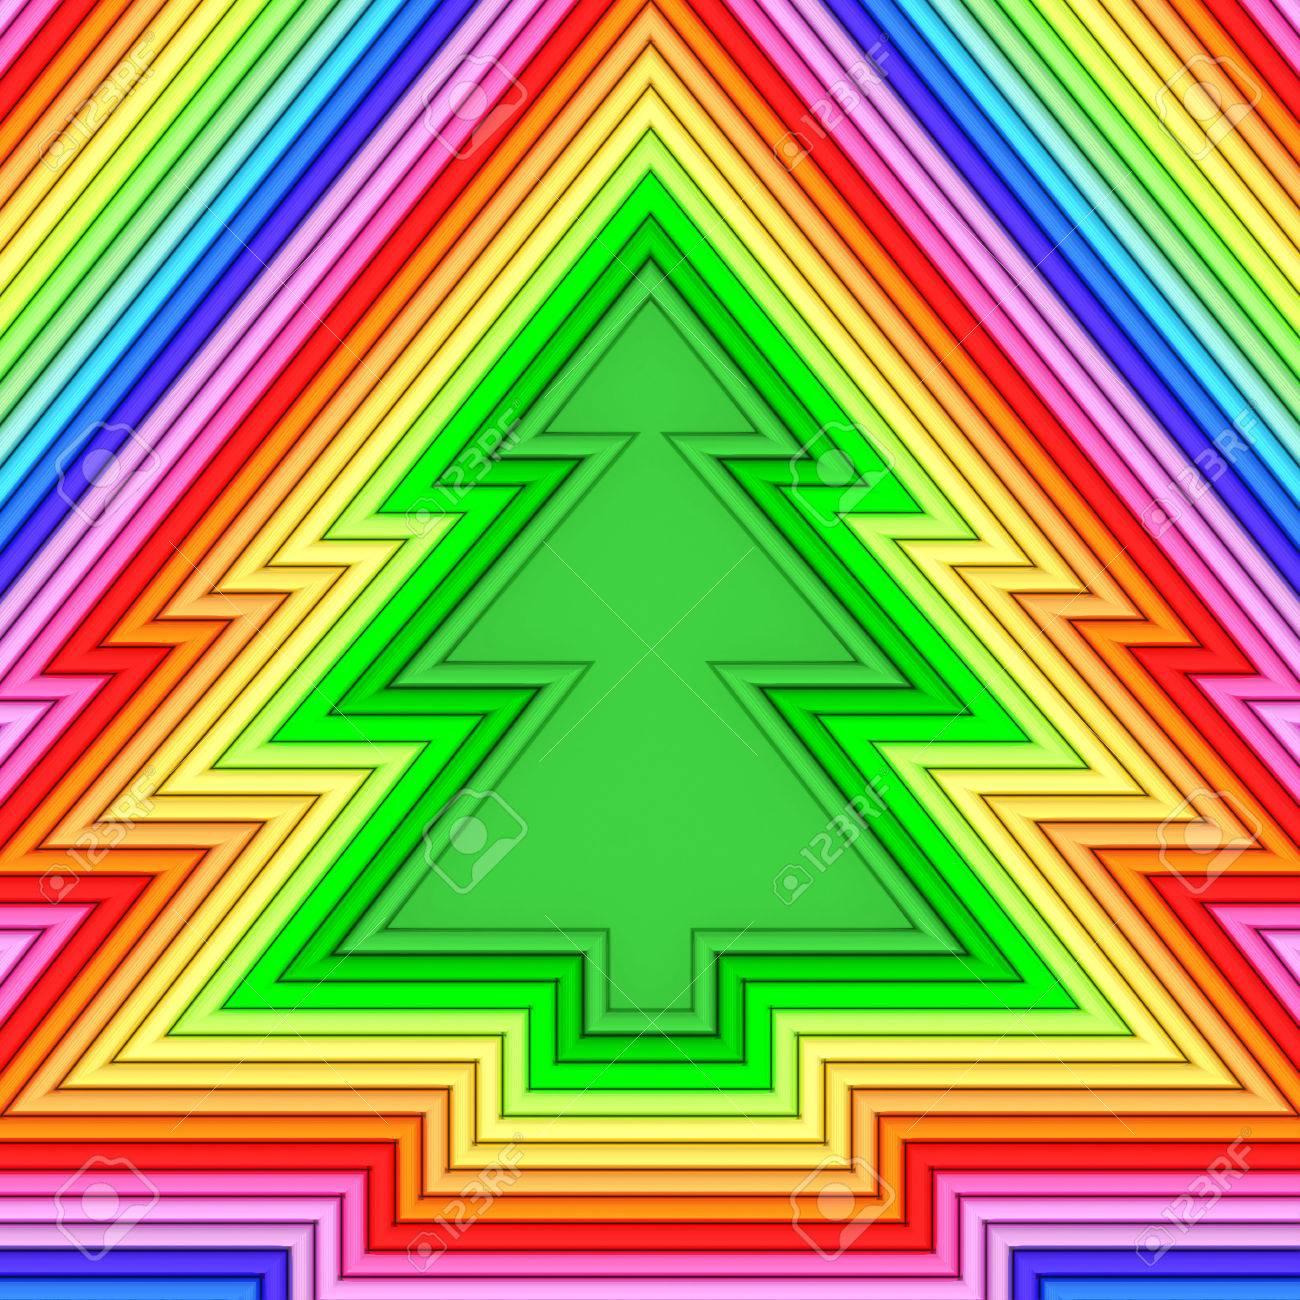 Weihnachtsbaum Form Von Bunten Metallischen Rohren Besteht ...